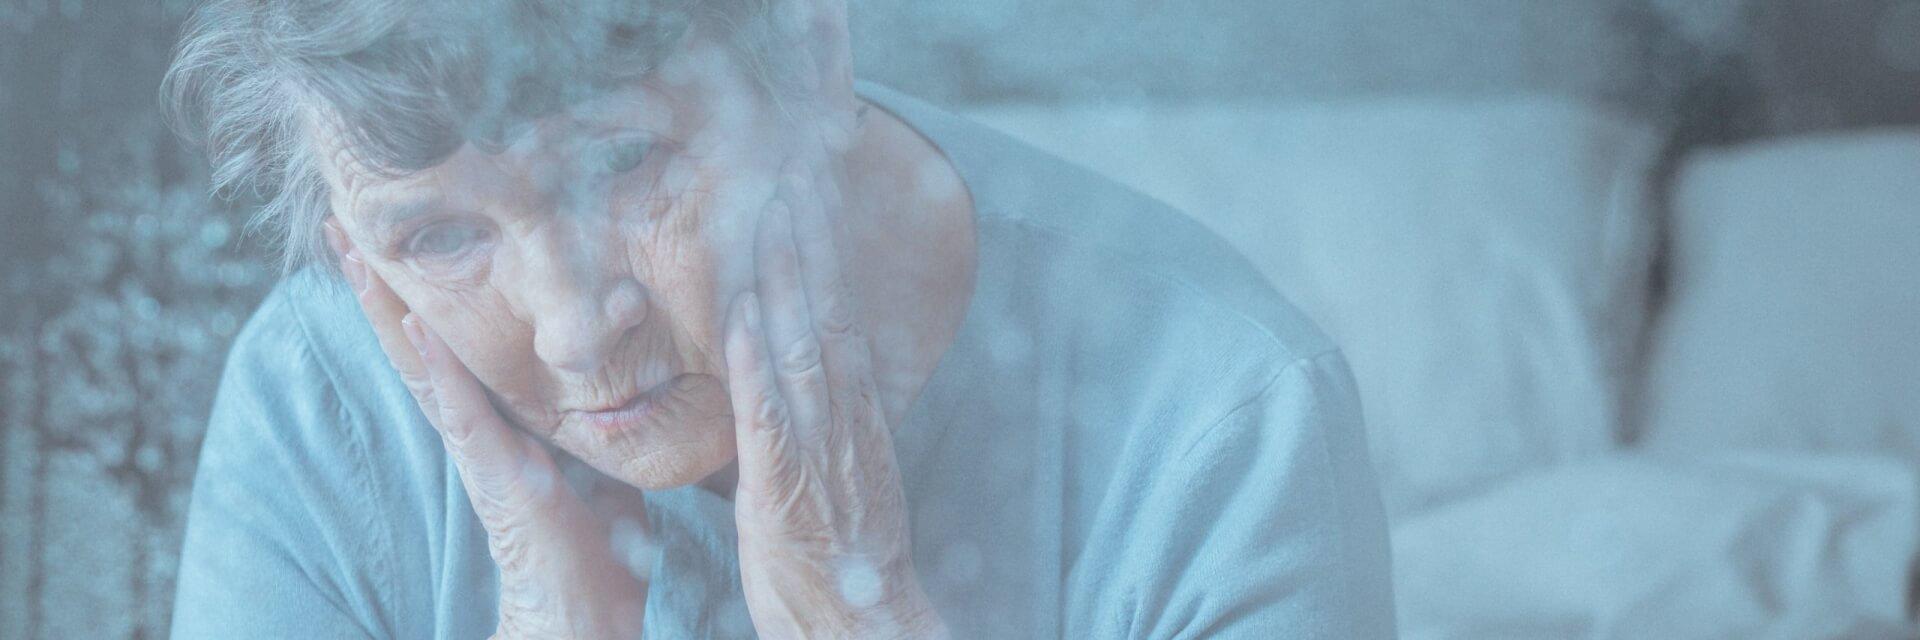 Anciana padeciendo de soledad por su divorcio.